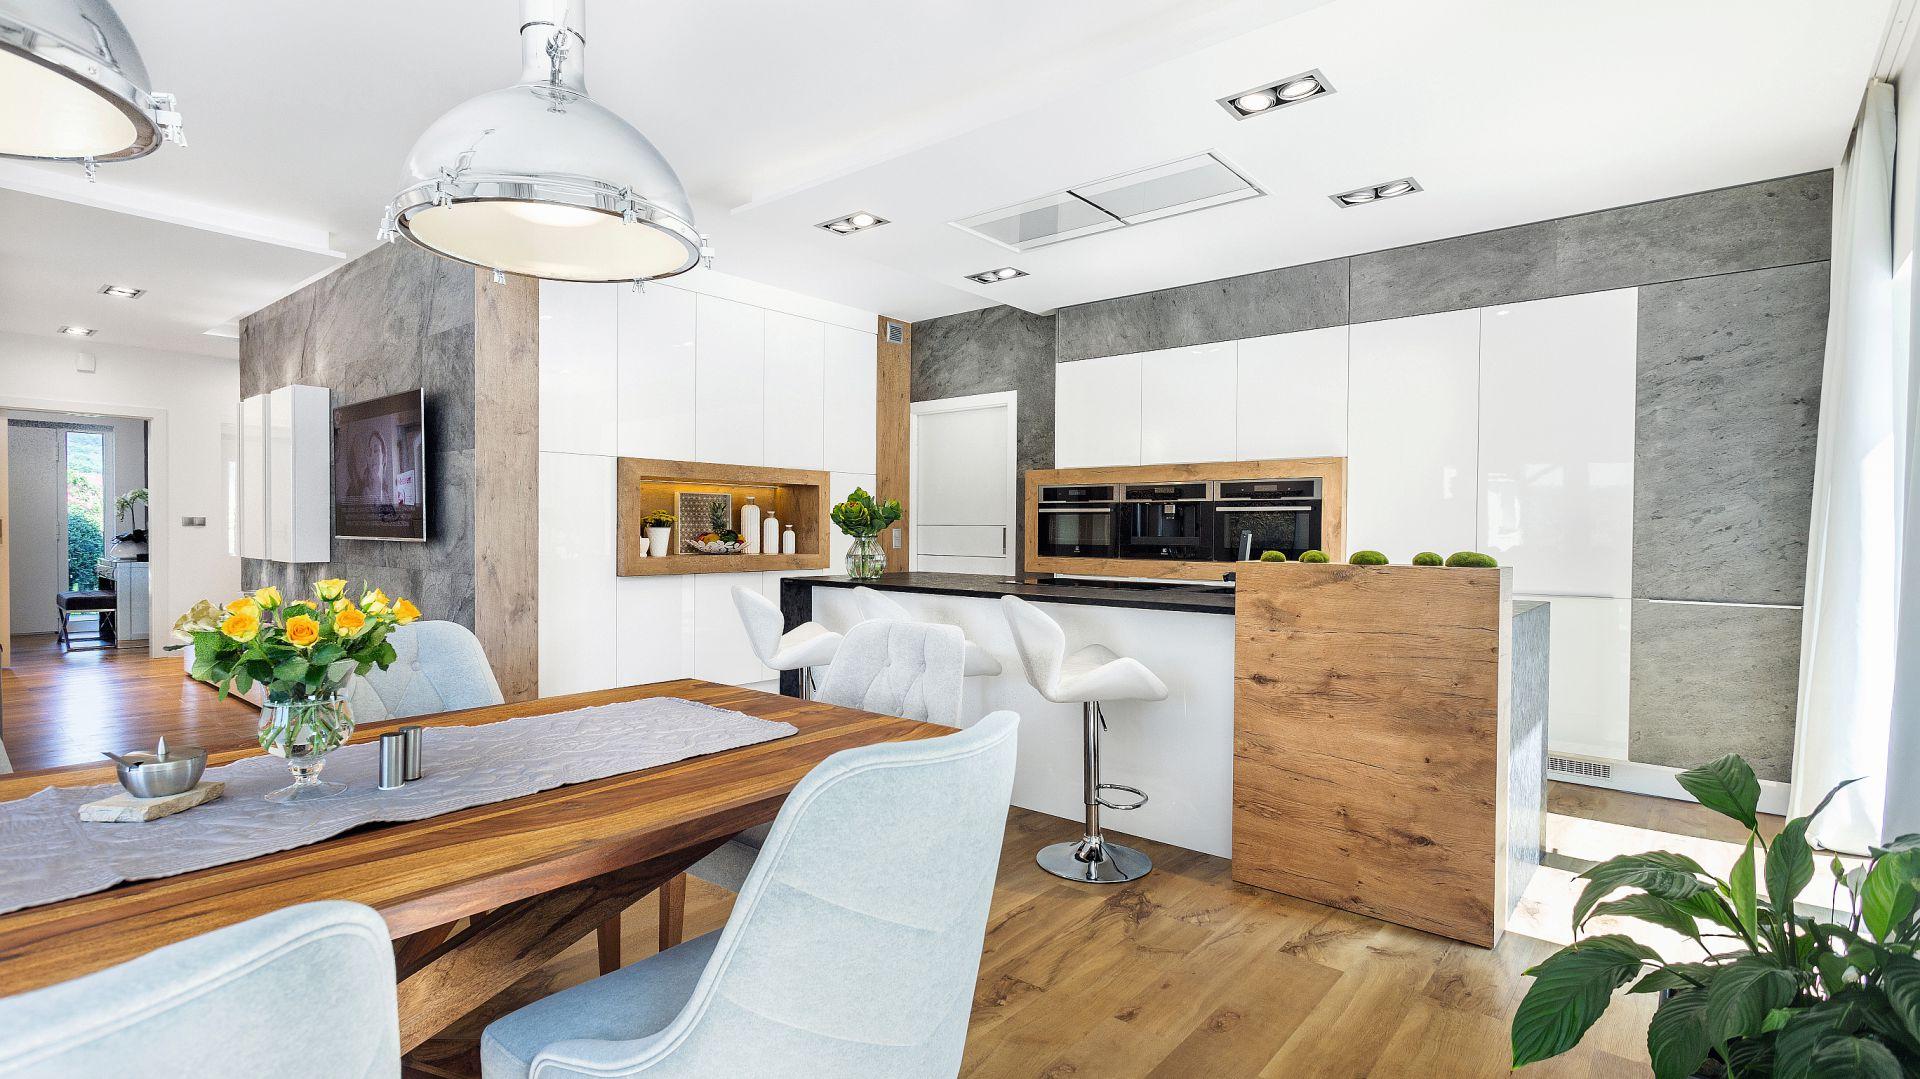 Przestronna kuchnia urządzona została w stylu skandynawskim. Króluje tu ponadczasowa kolorystyka świadomie nawiązująca do górskich krajobrazów. Fot. Studio Kuchenne A&K